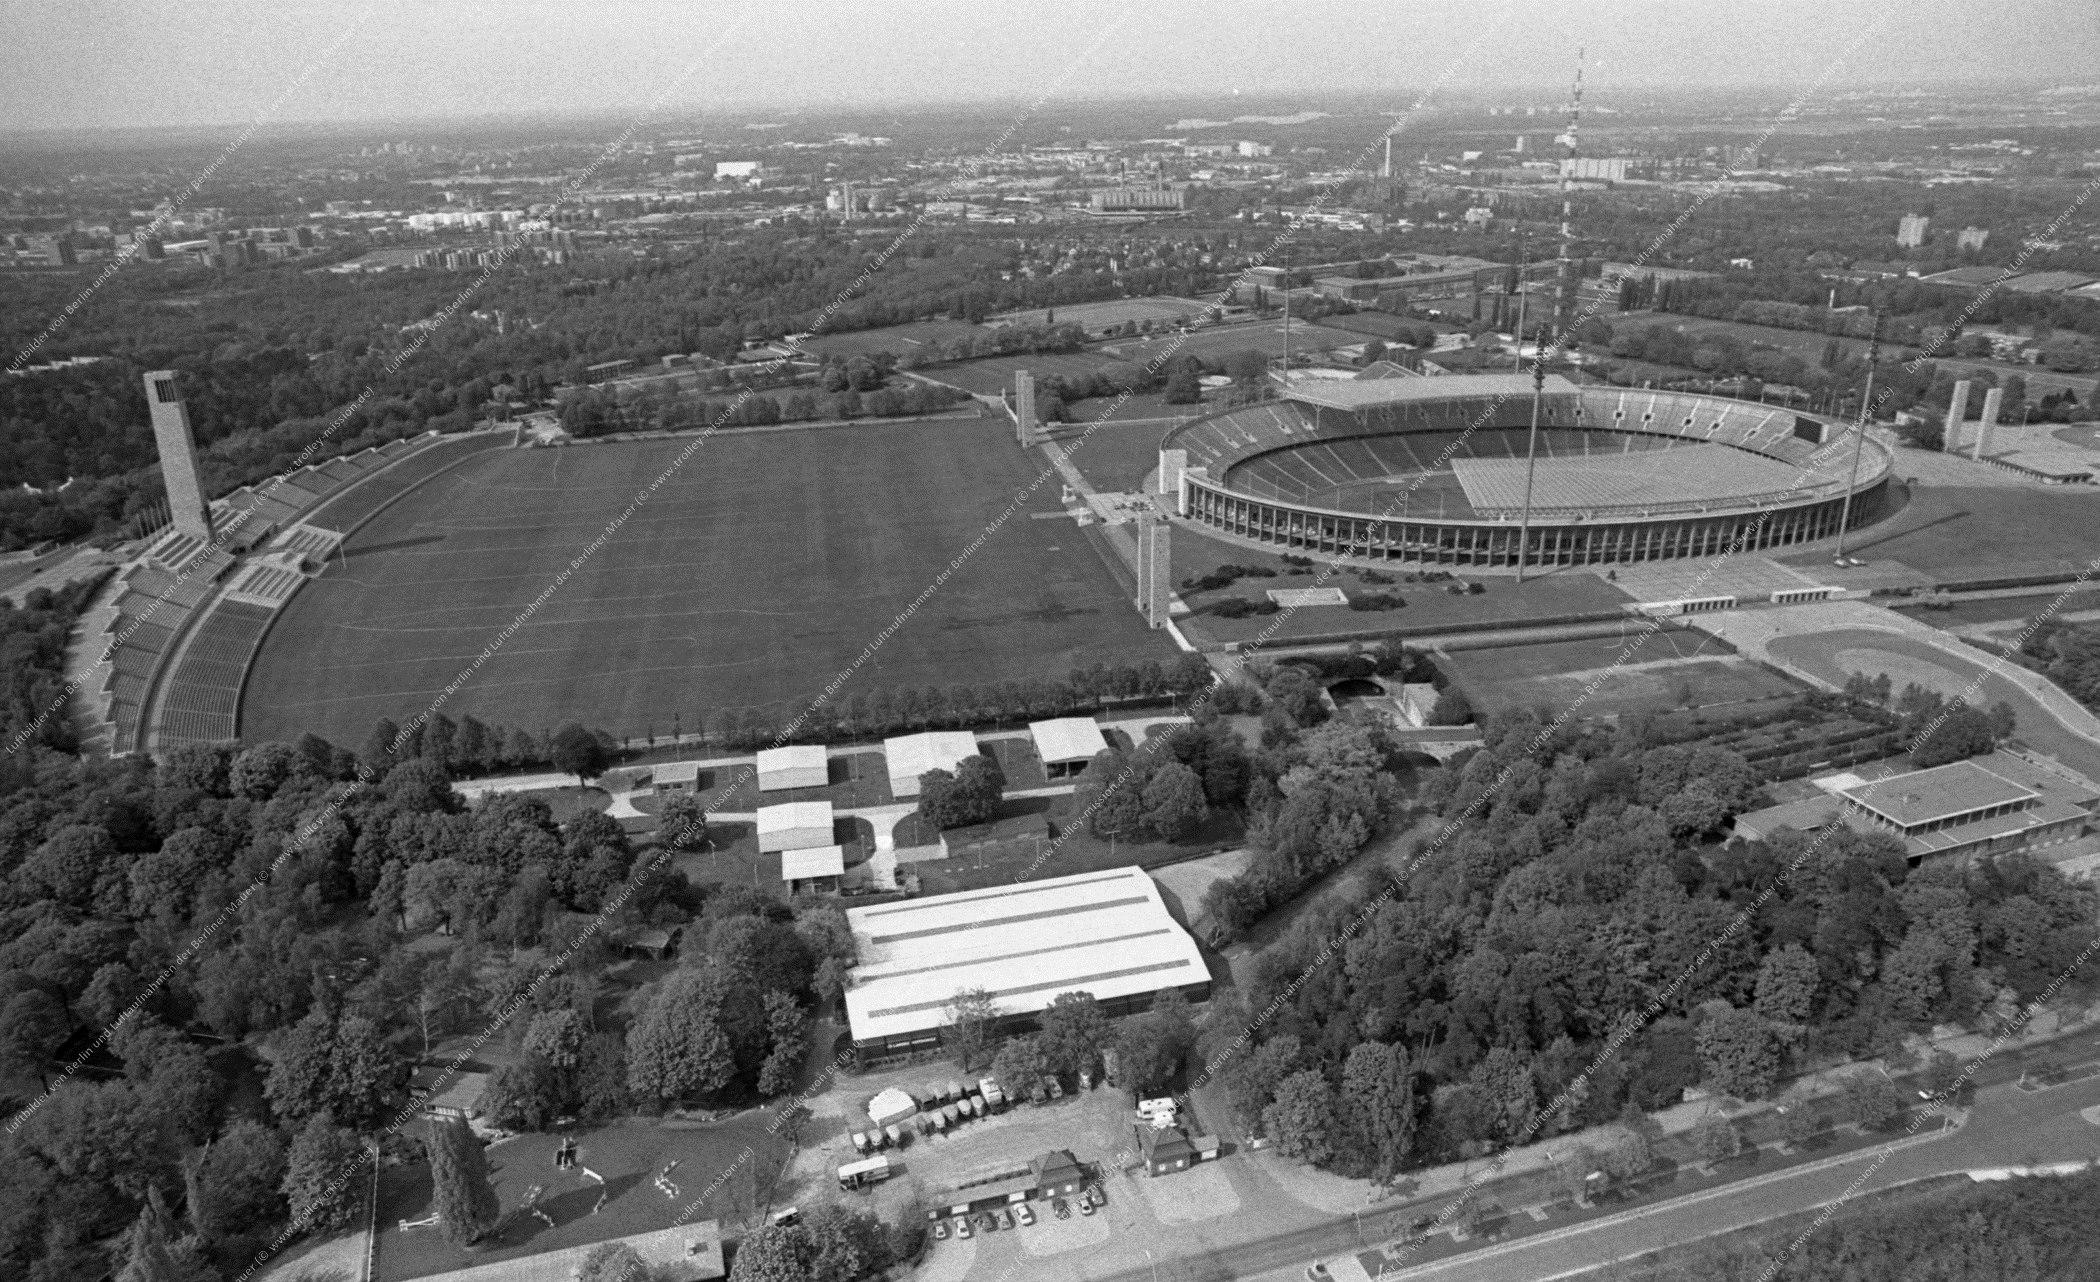 Luftbild vom Olympiapark Berlin (Reichssportfeld) und Stadion vom 12. Mai 1982 (Bild 075)